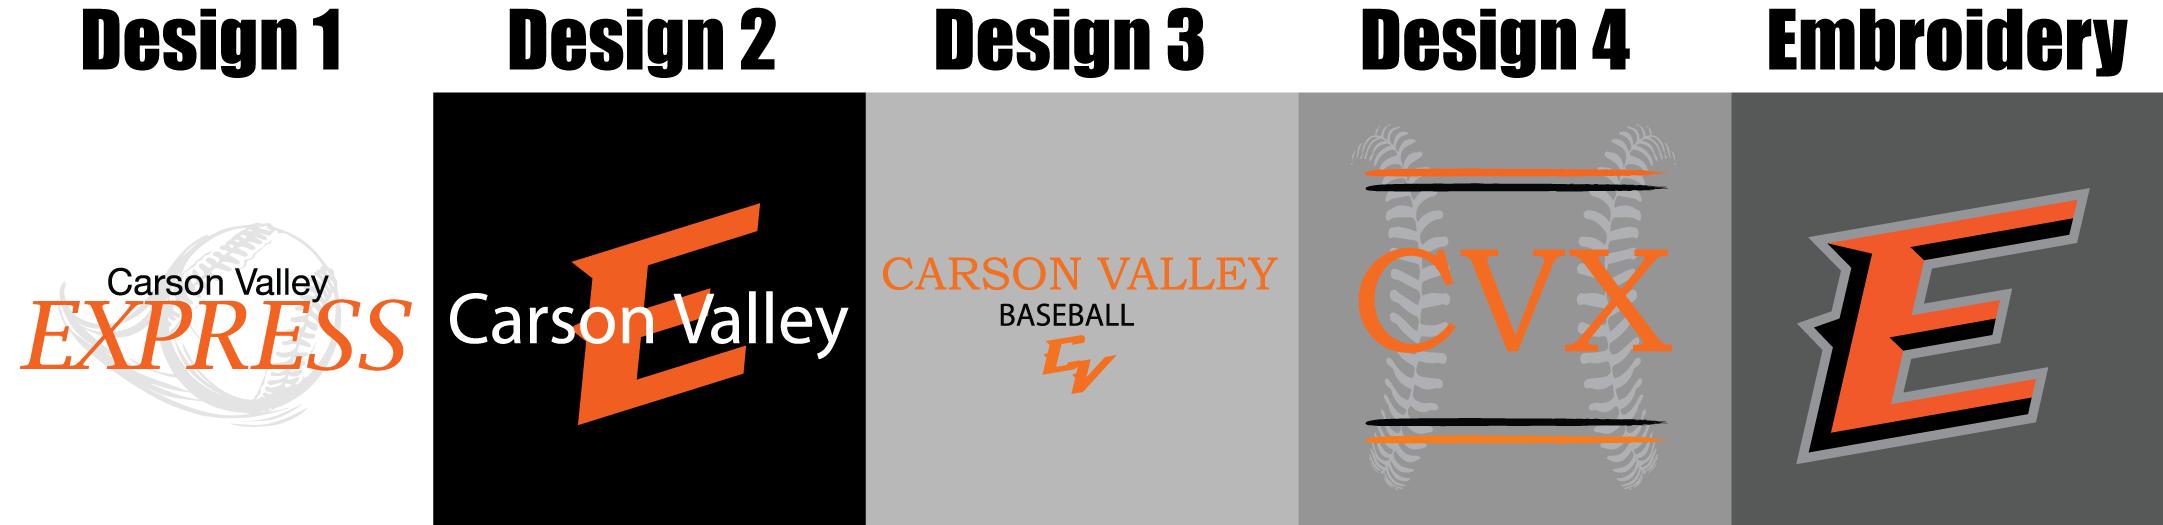 Carson Valley Express